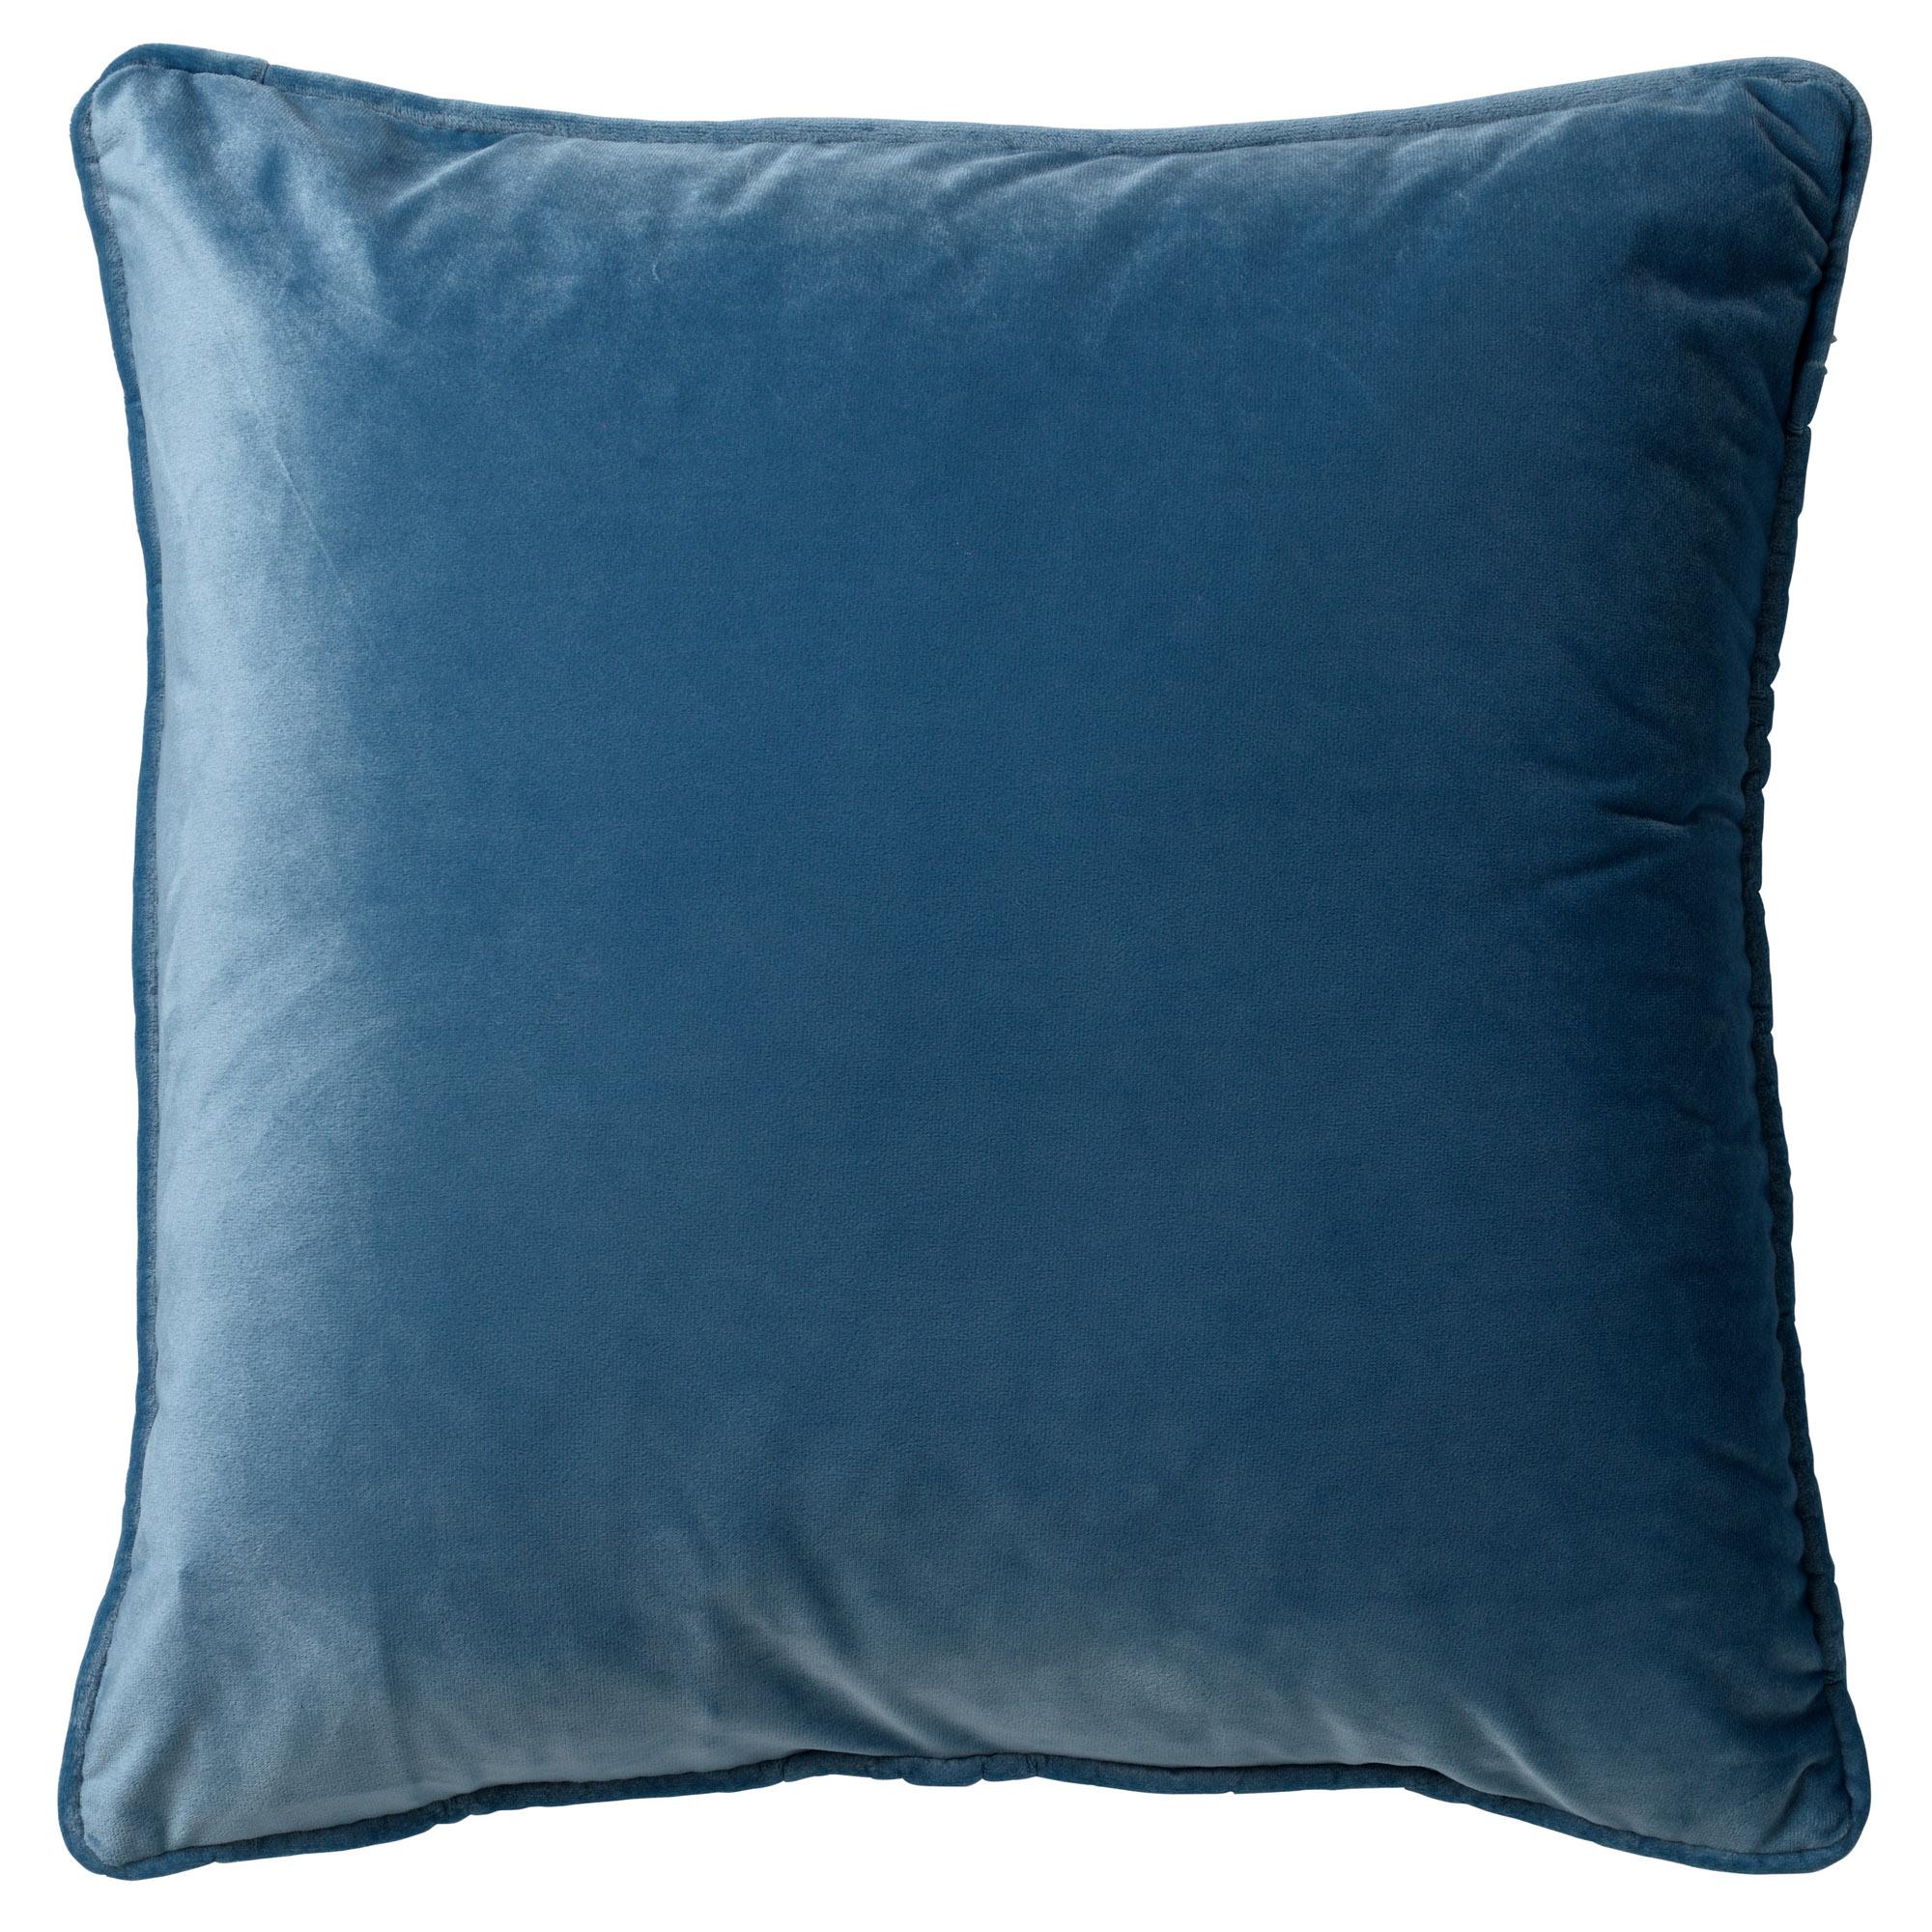 FINN - Sierkussen velvet Provincial Blue 45x45 cm